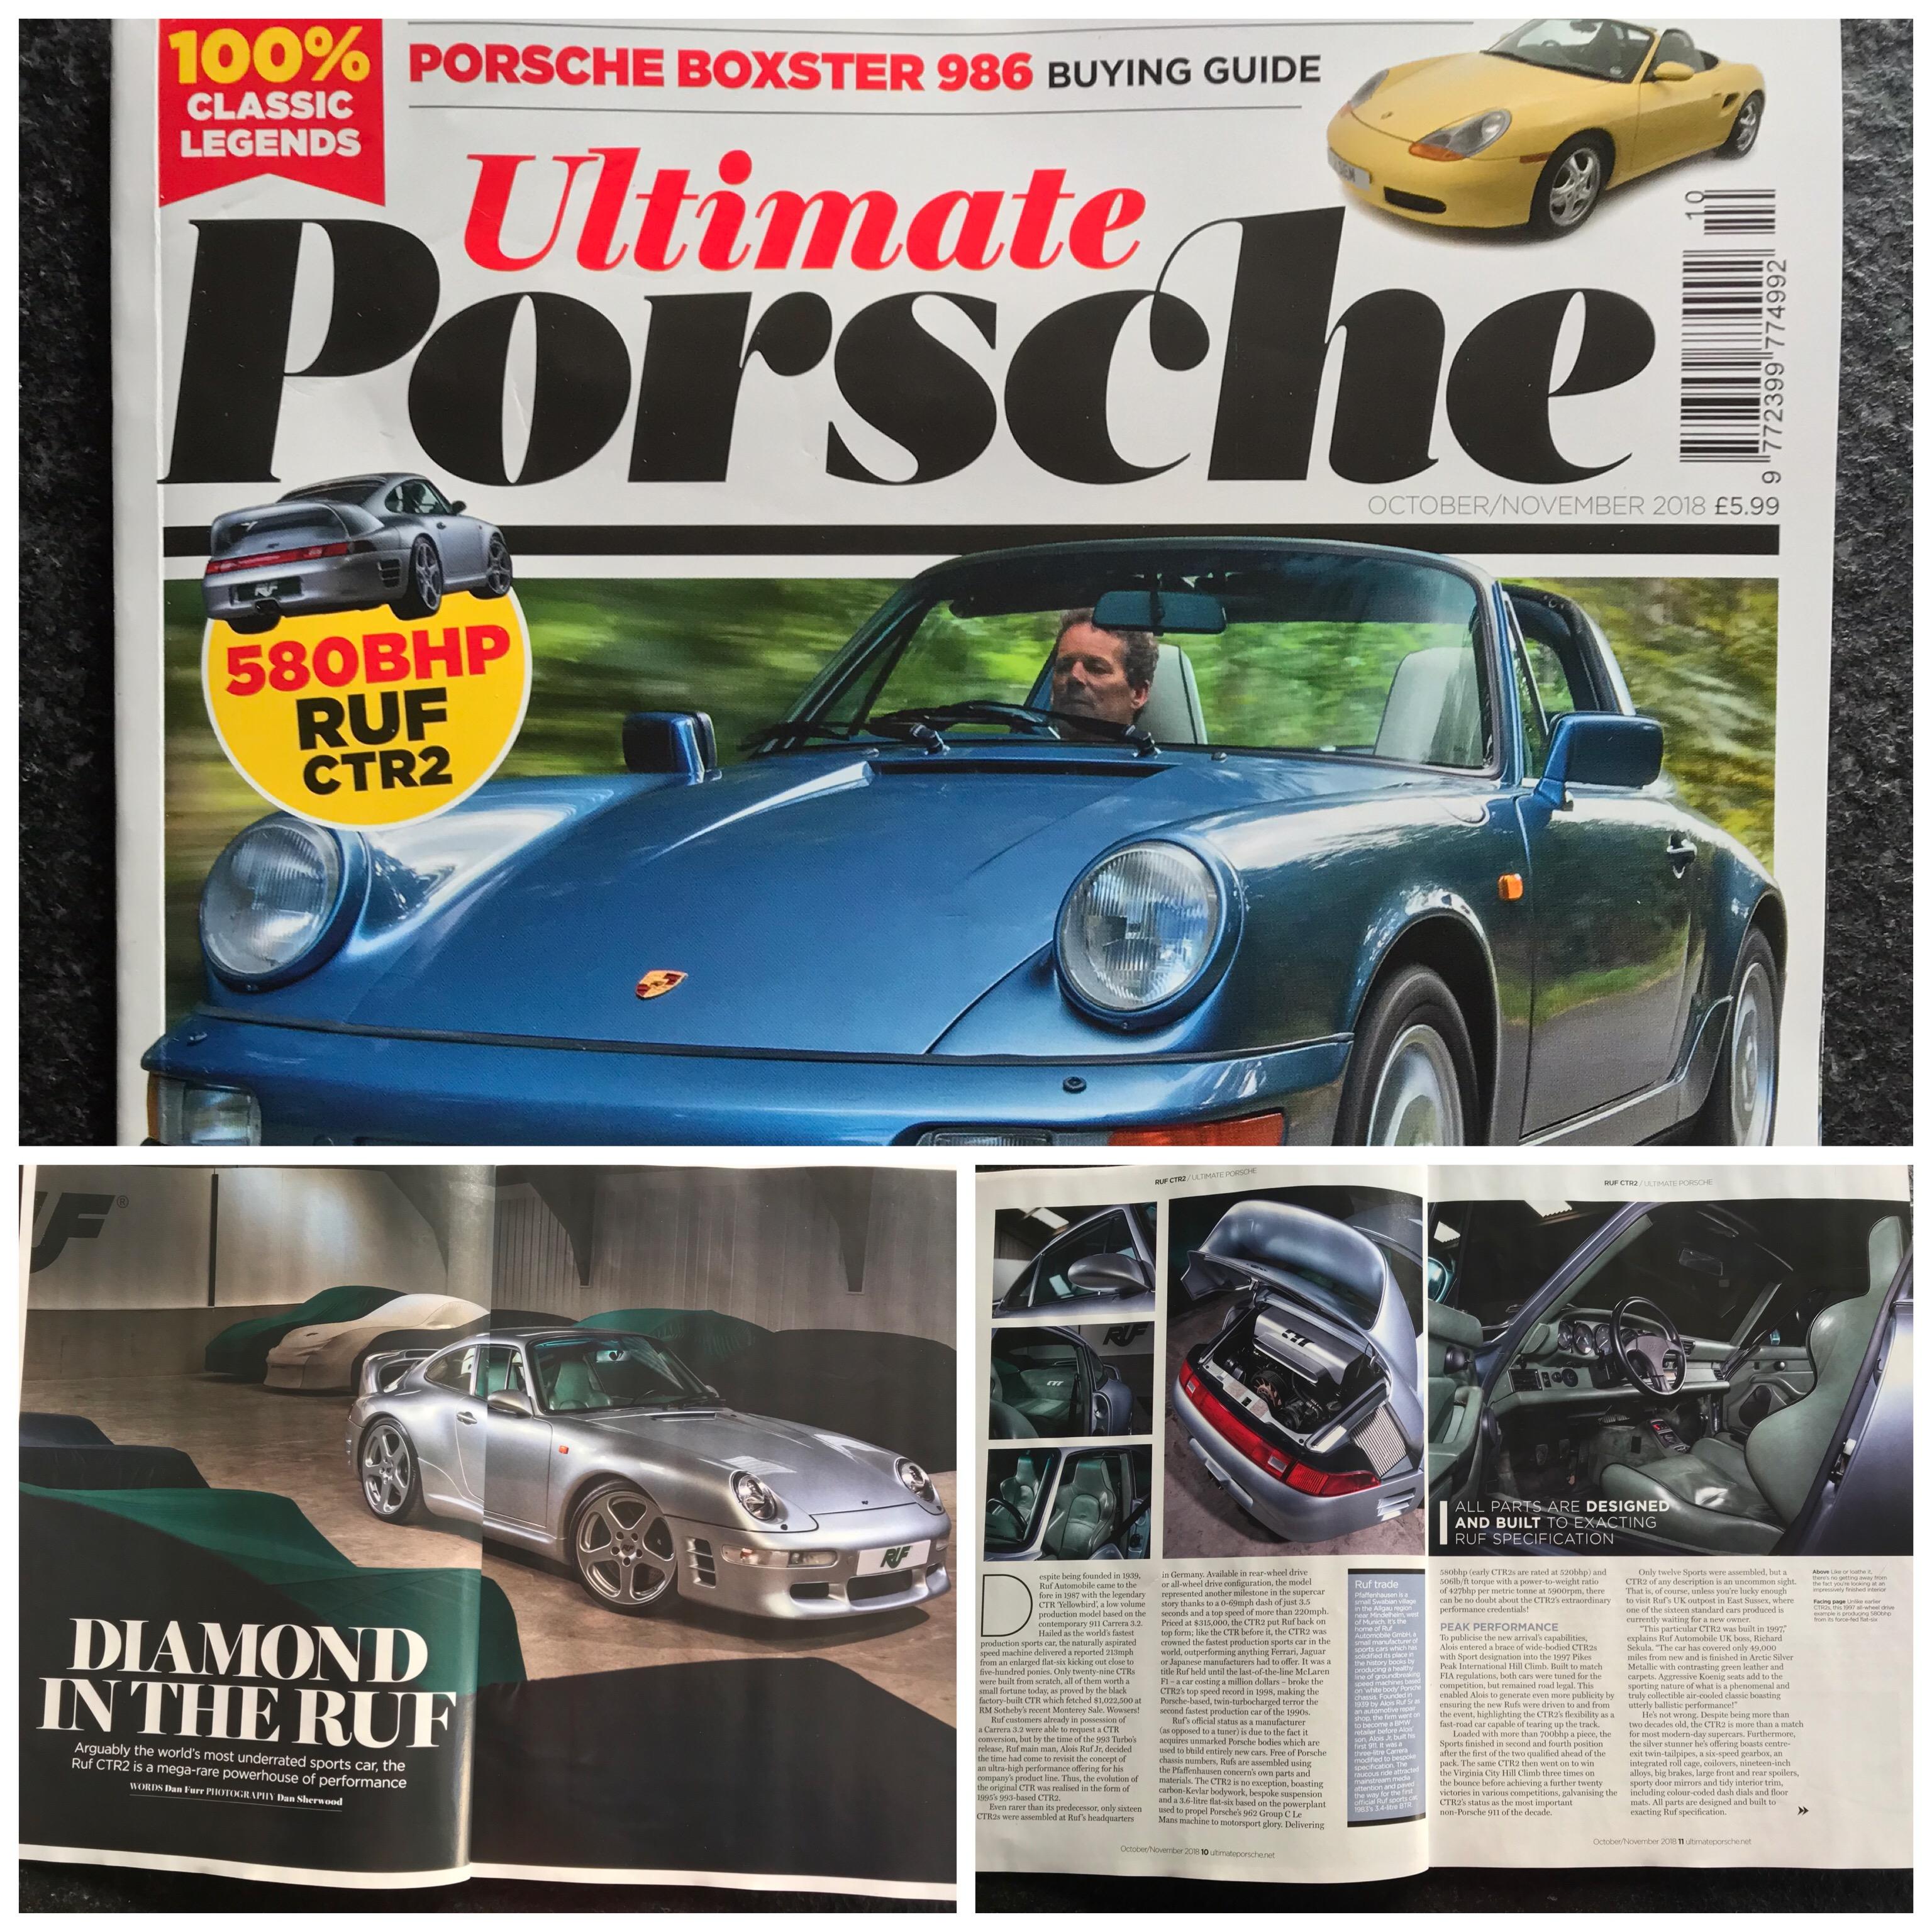 Ultimate Porsche - October 2018